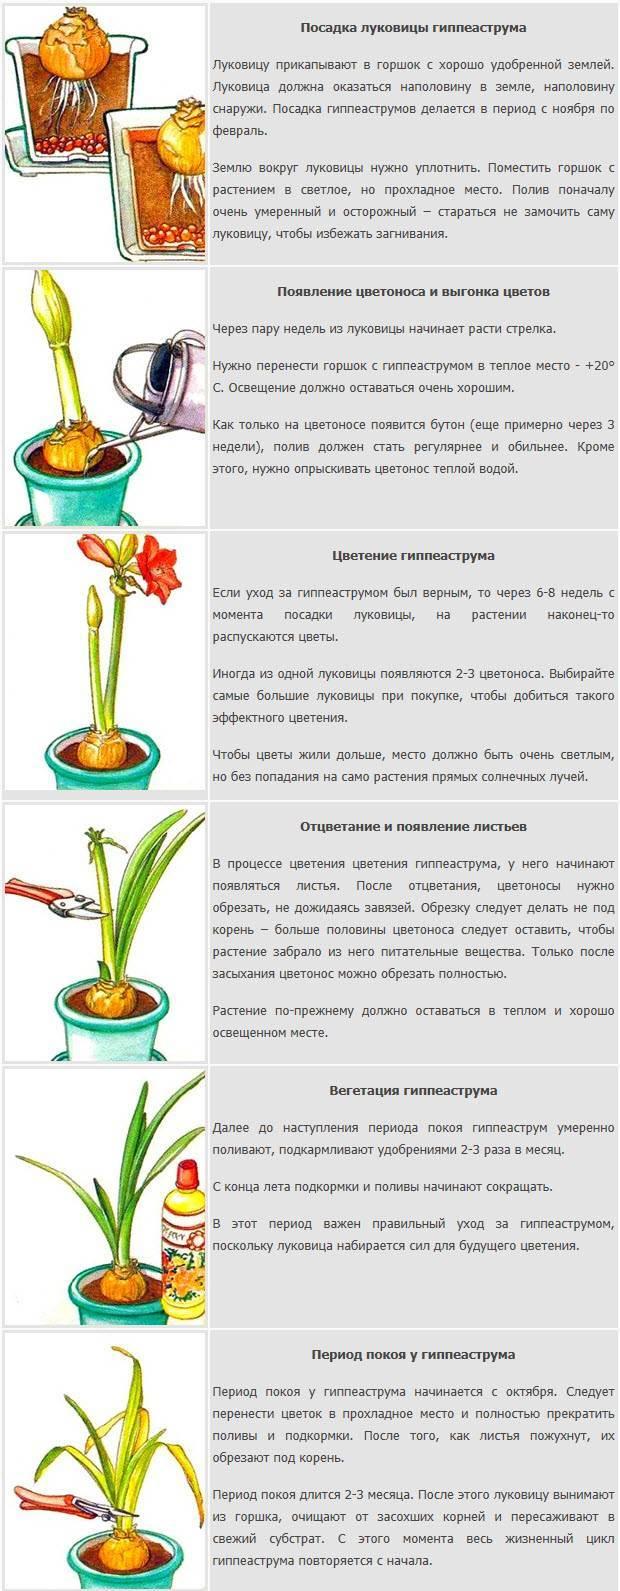 Уход в домашних условиях за гиппеаструмом